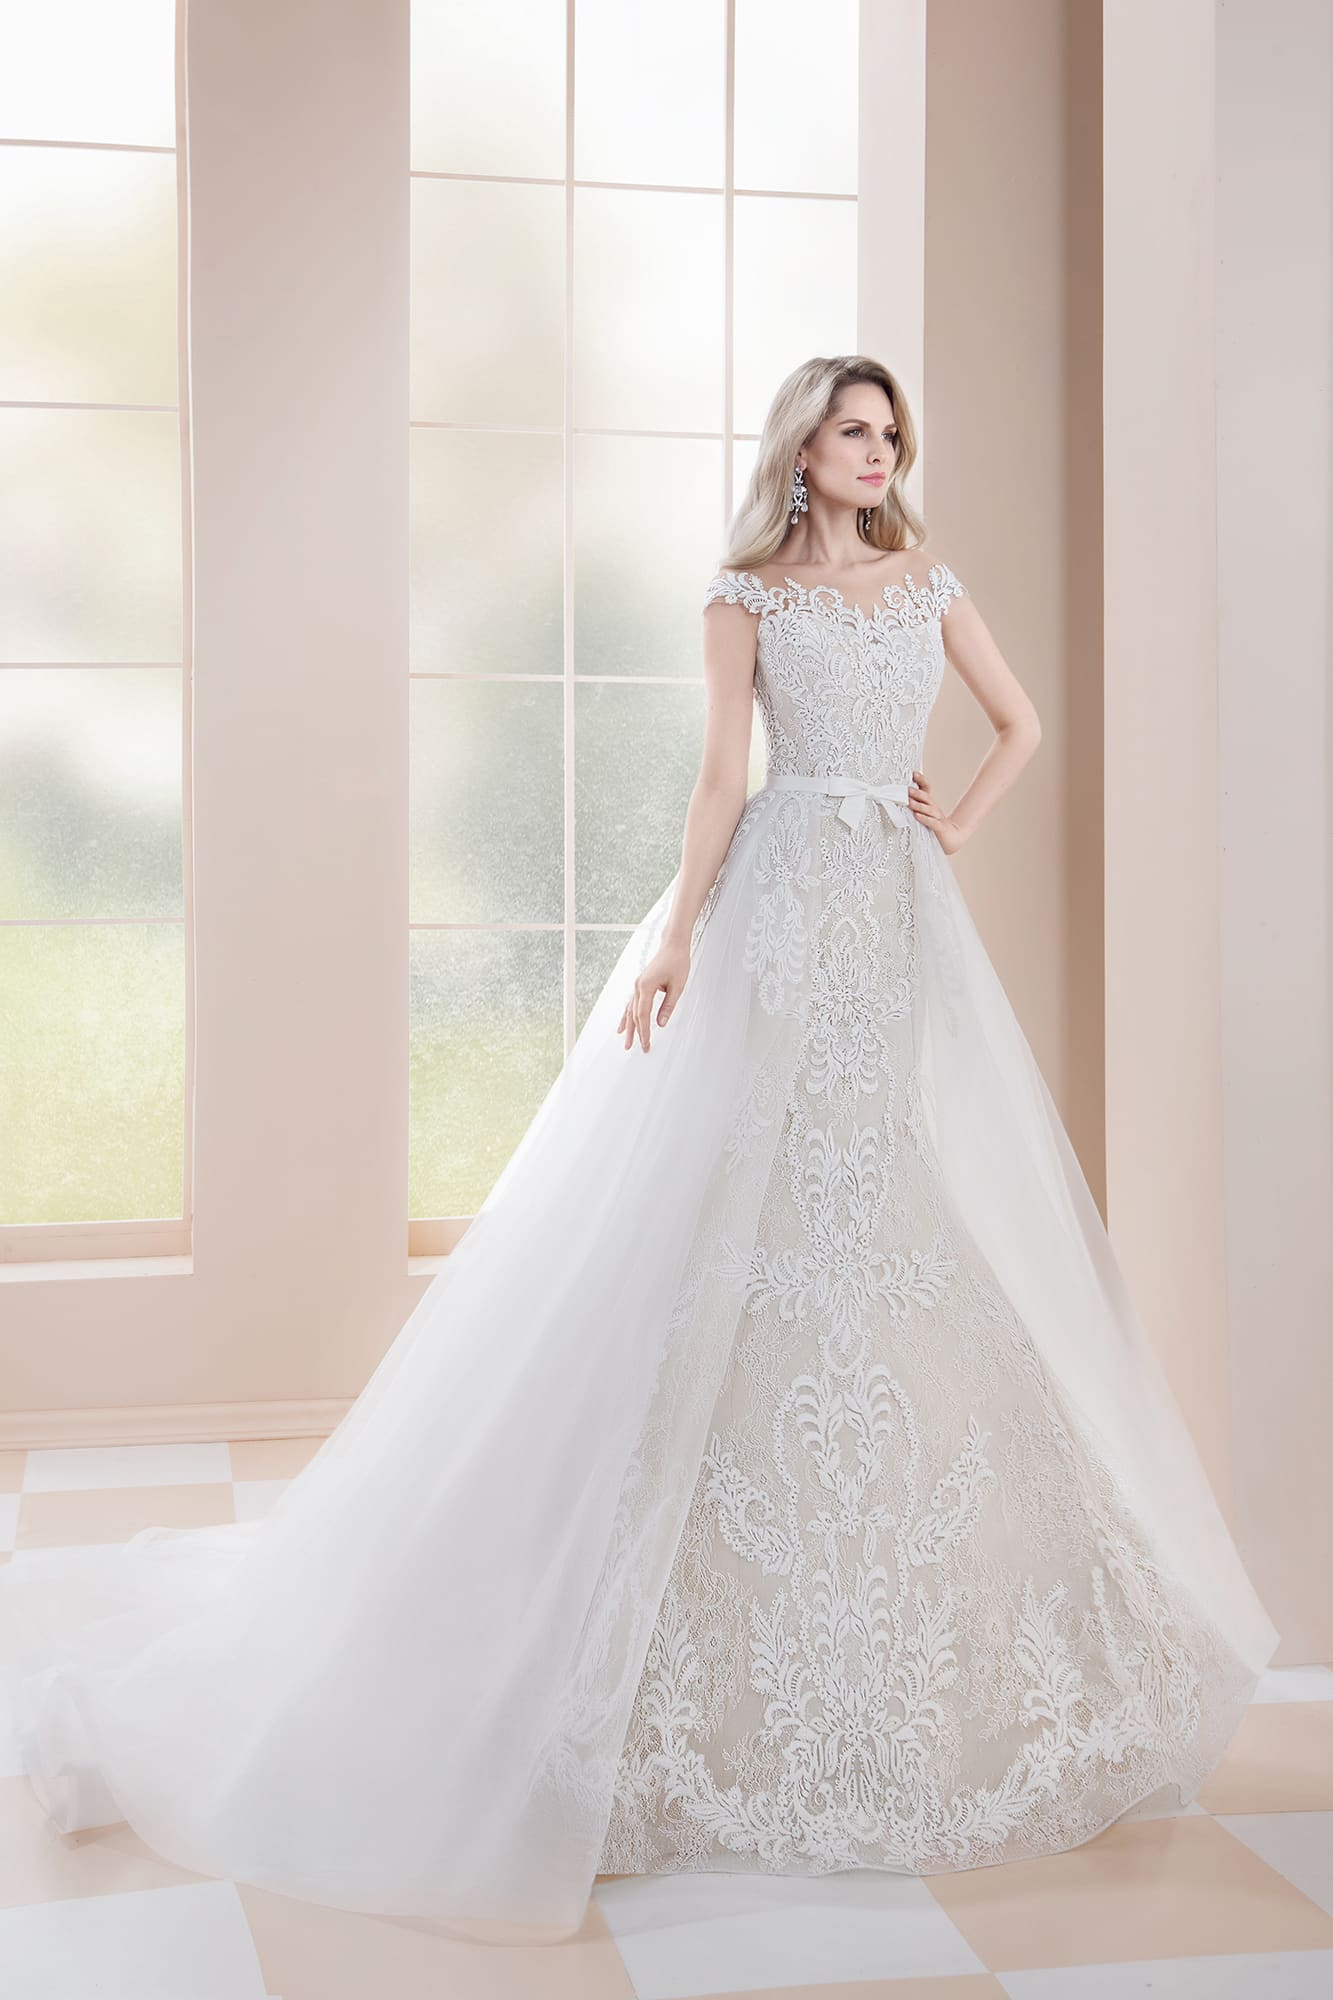 280a57768af8d0 Свадебное платье-трансформер, по всей длине покрытое декором из кружева.